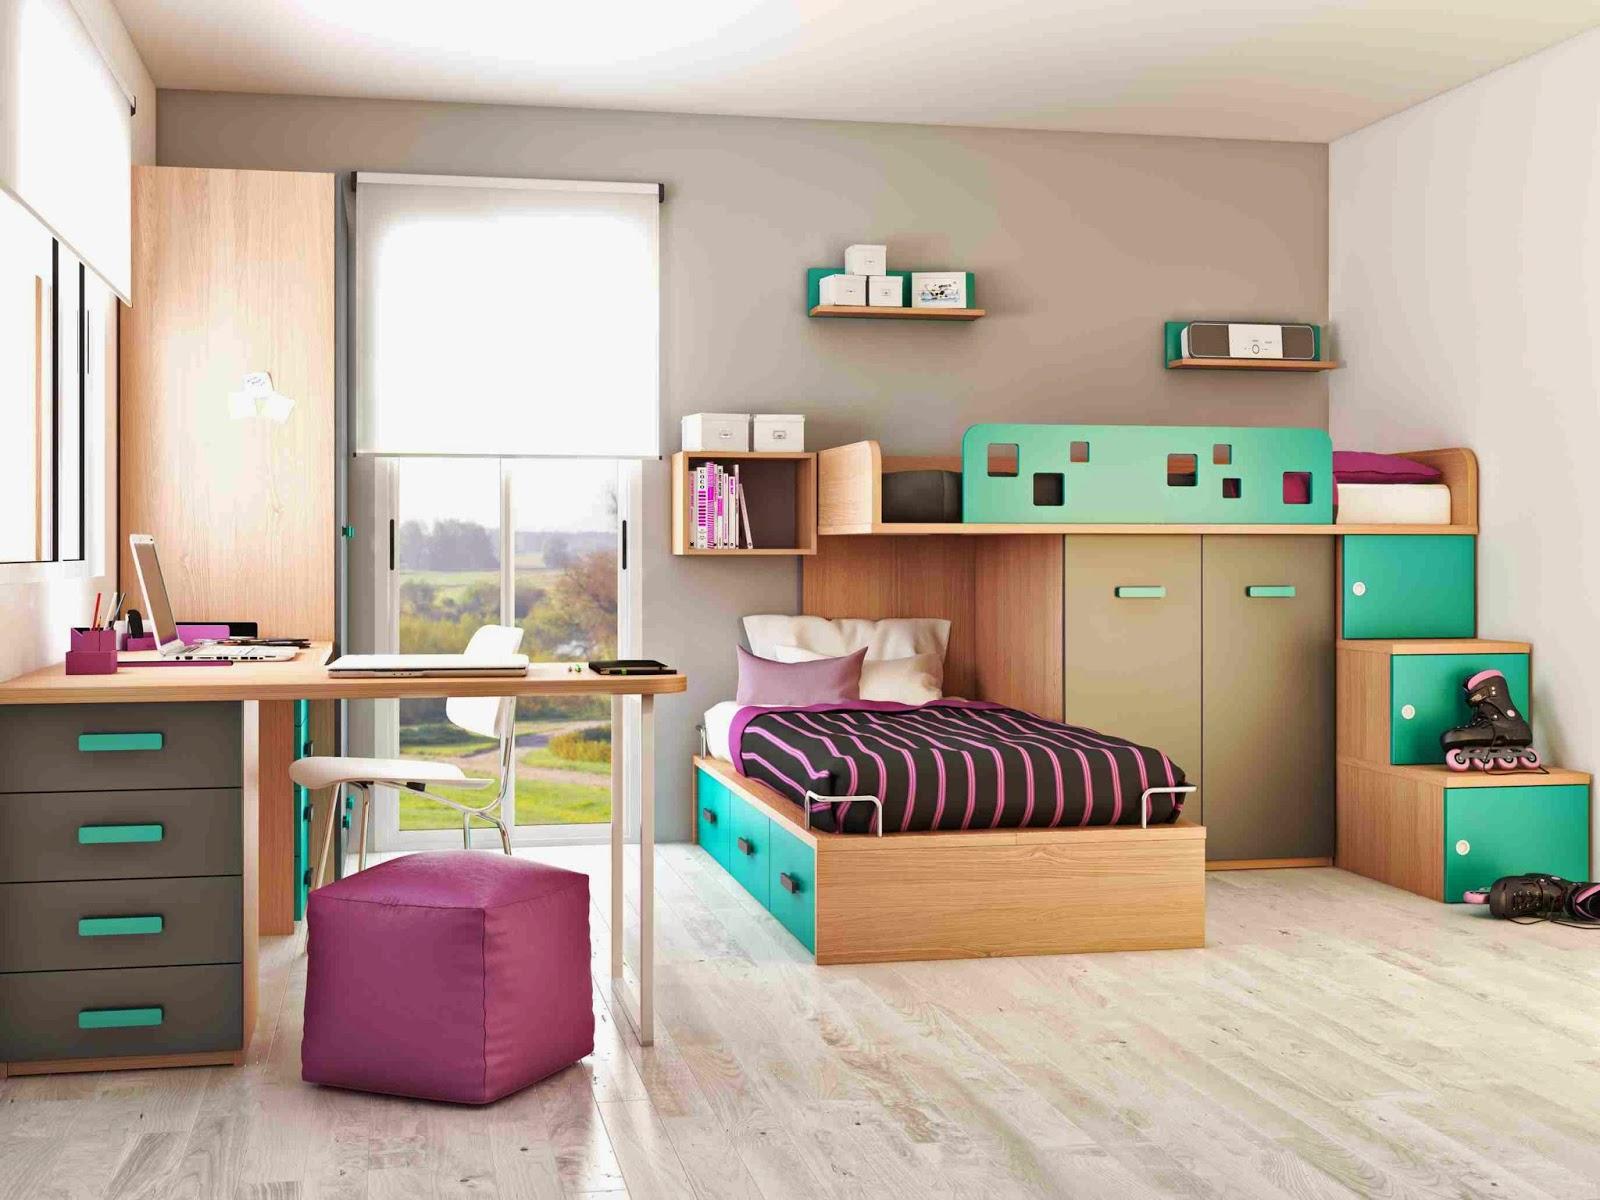 El informatorio muebles deco corfam dise l nea infantil - Muebles infantiles diseno ...